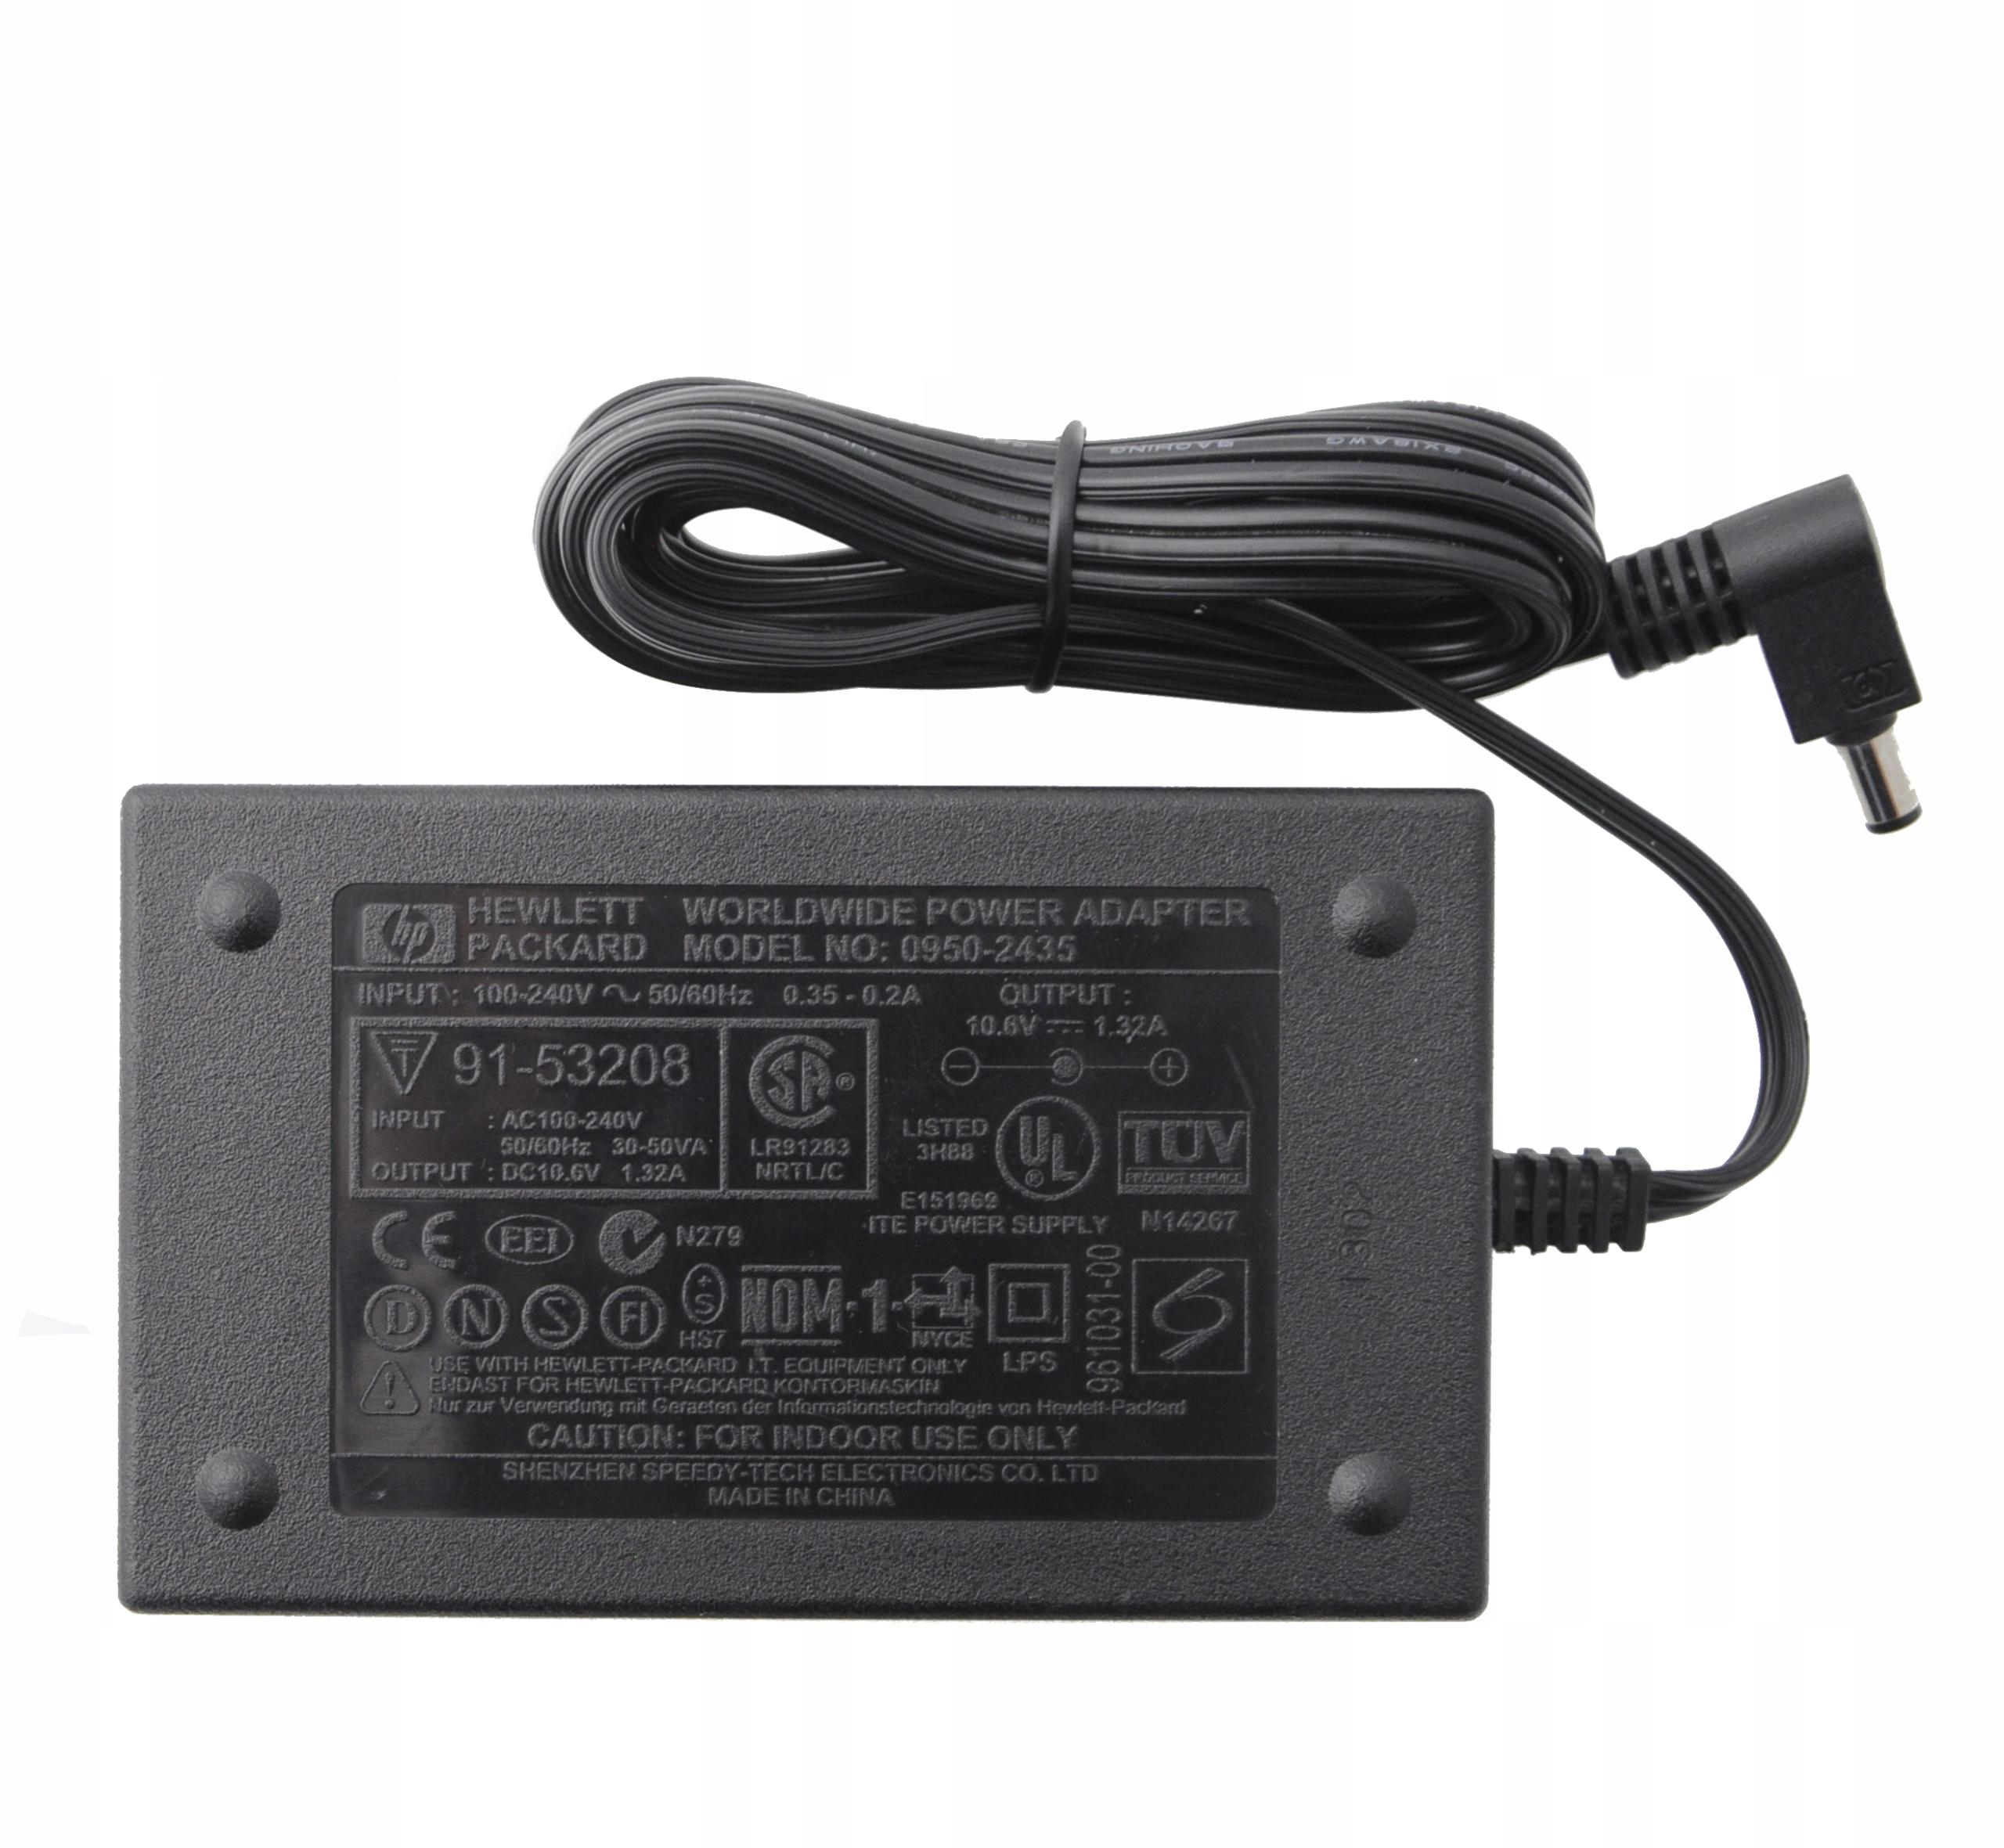 HP 0950-2435 Napájací zdroj 10,6V 1,32A Deskjet 300 310